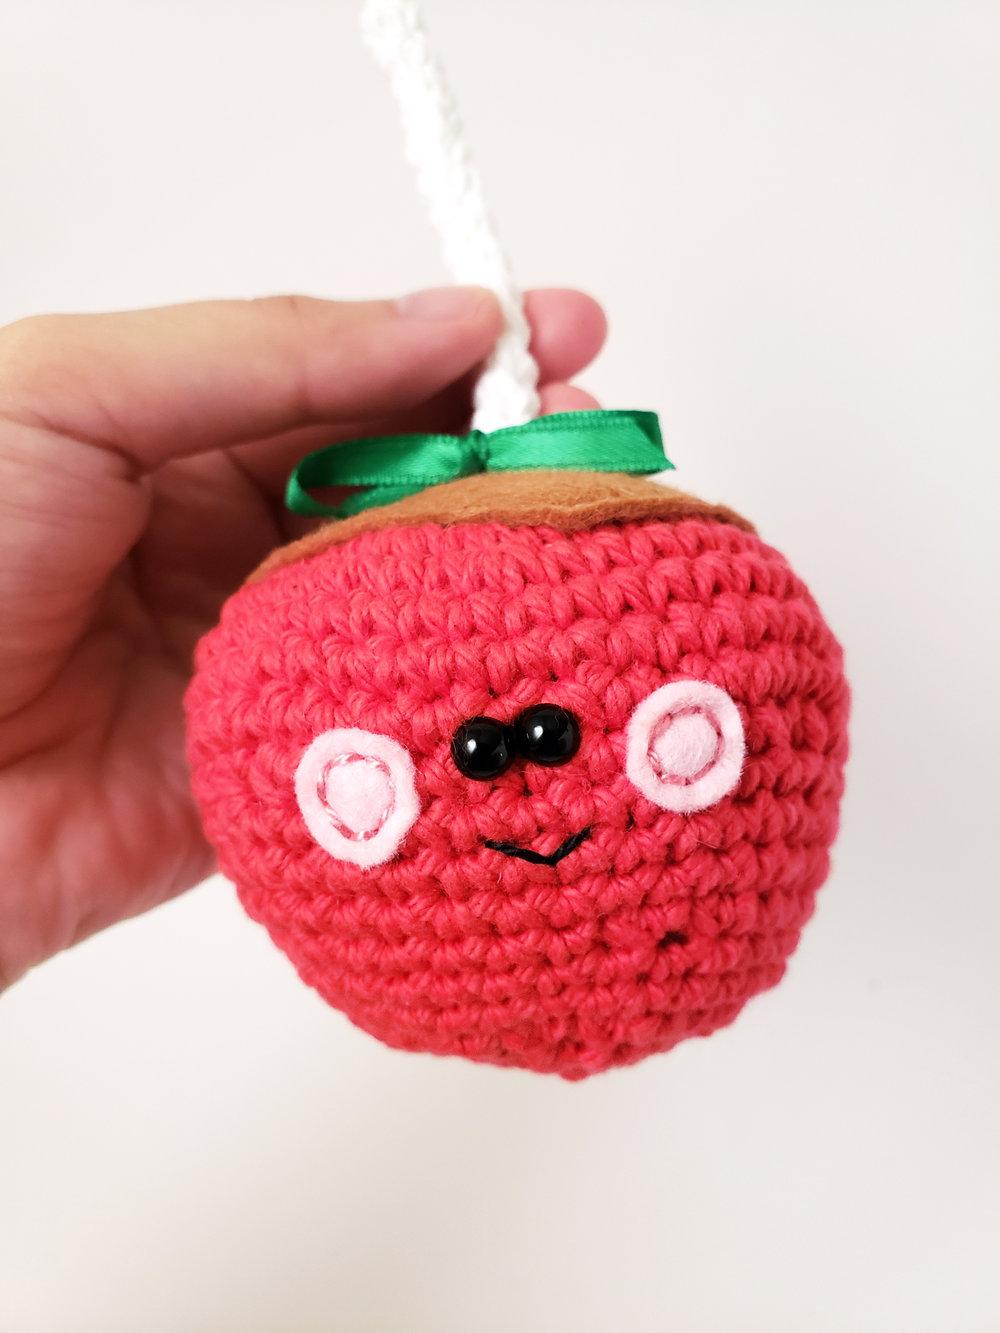 caramel apple crochet pattern